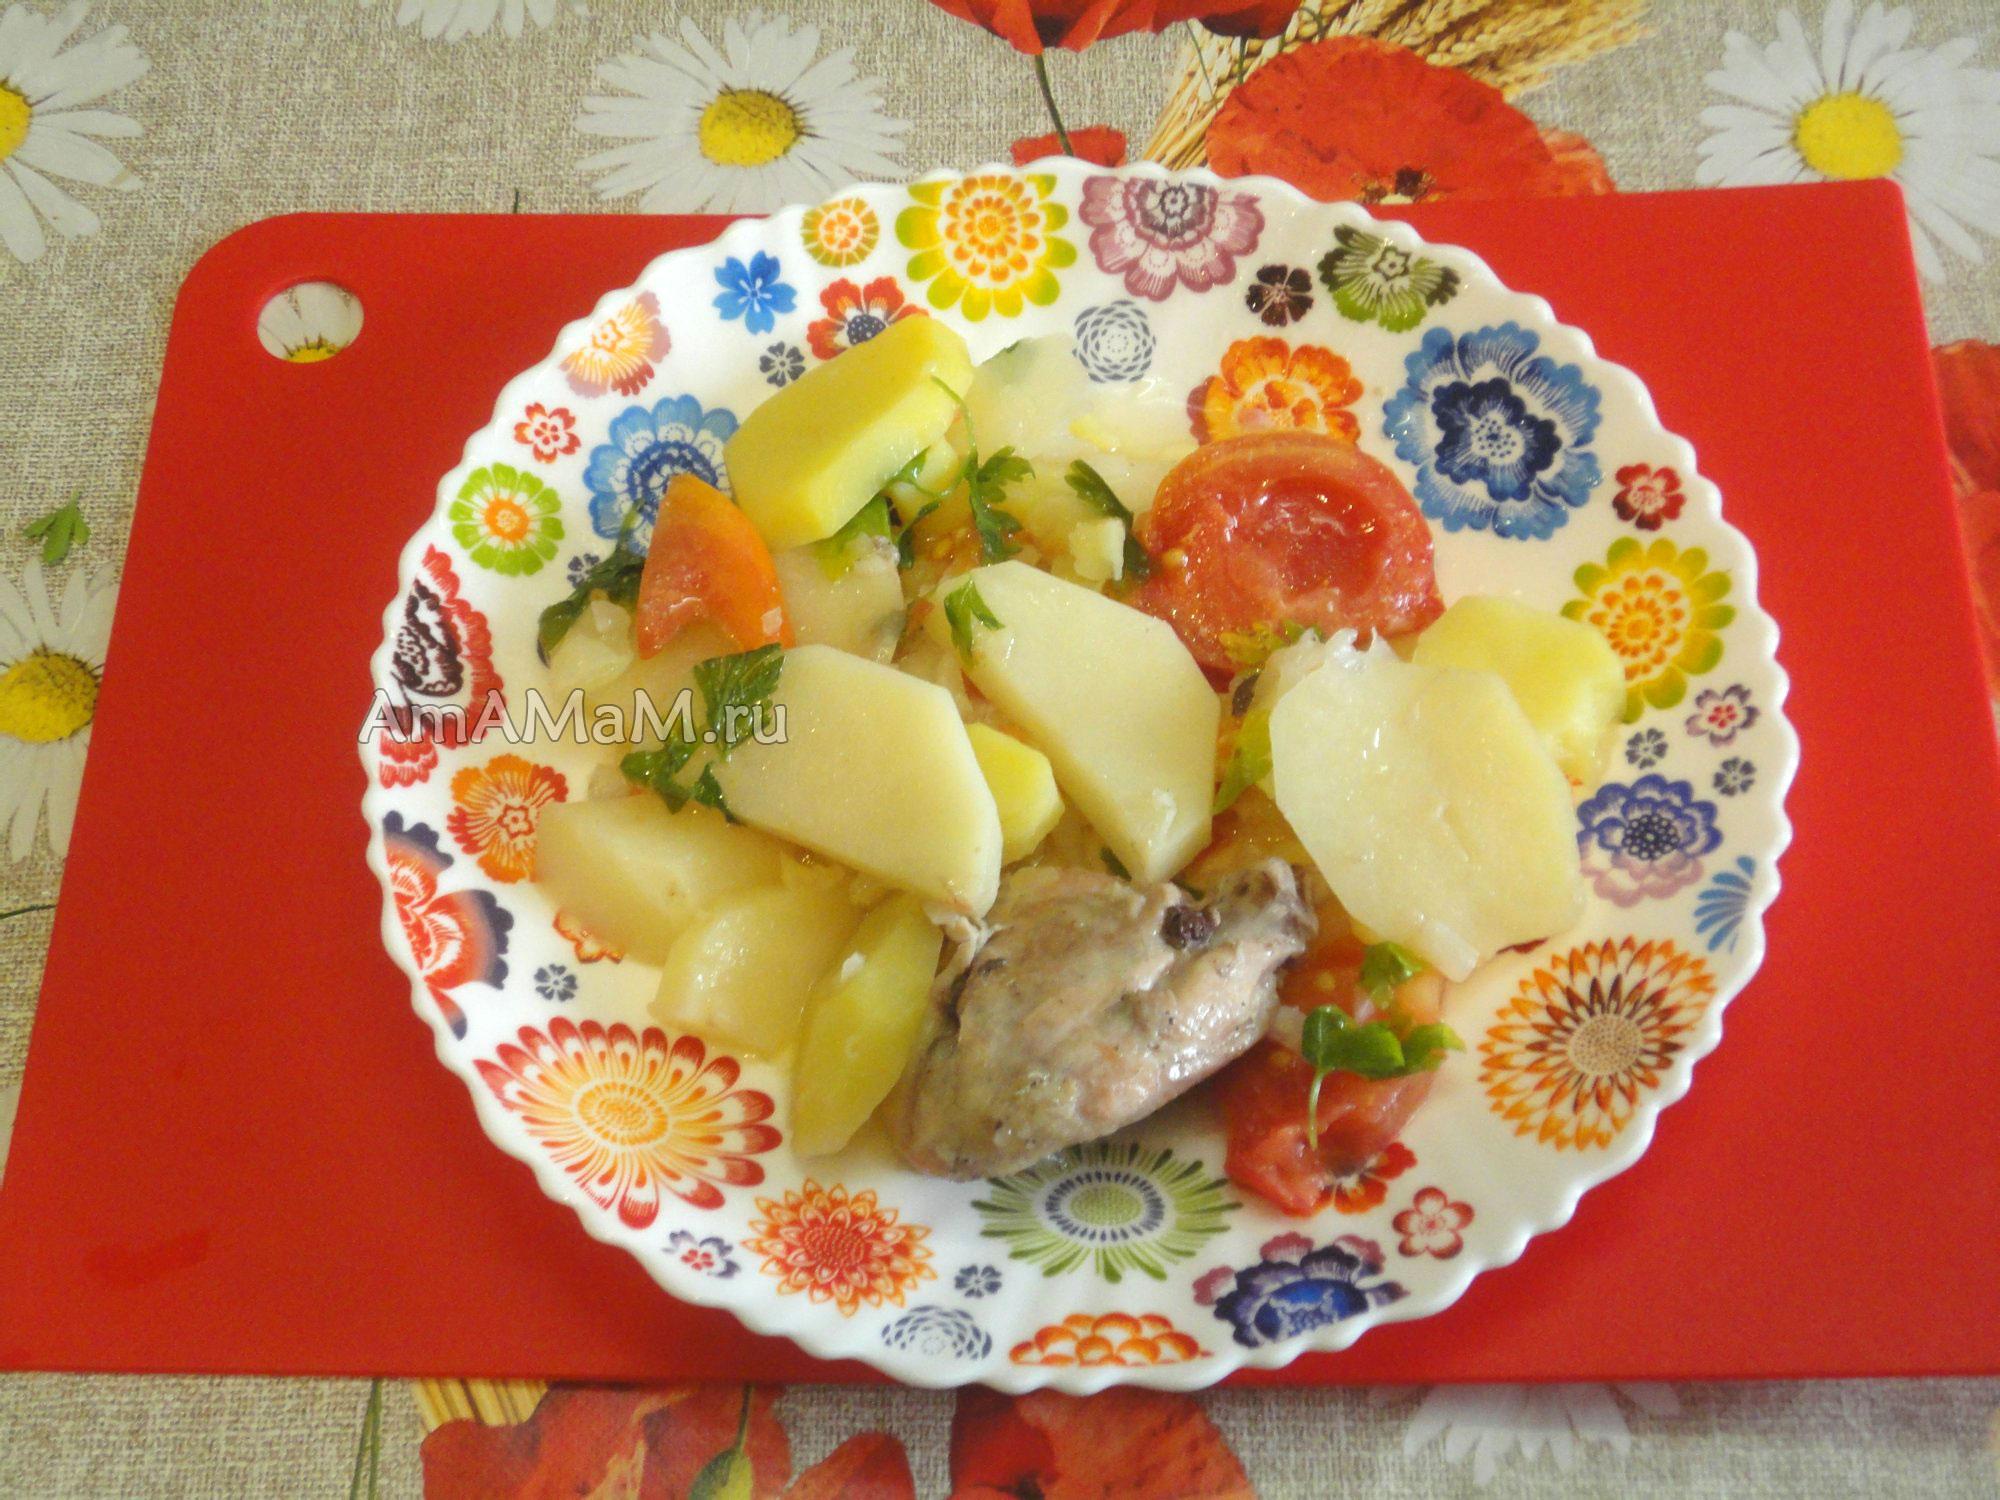 потушить овощи вкусно рецепт с фото в духовке